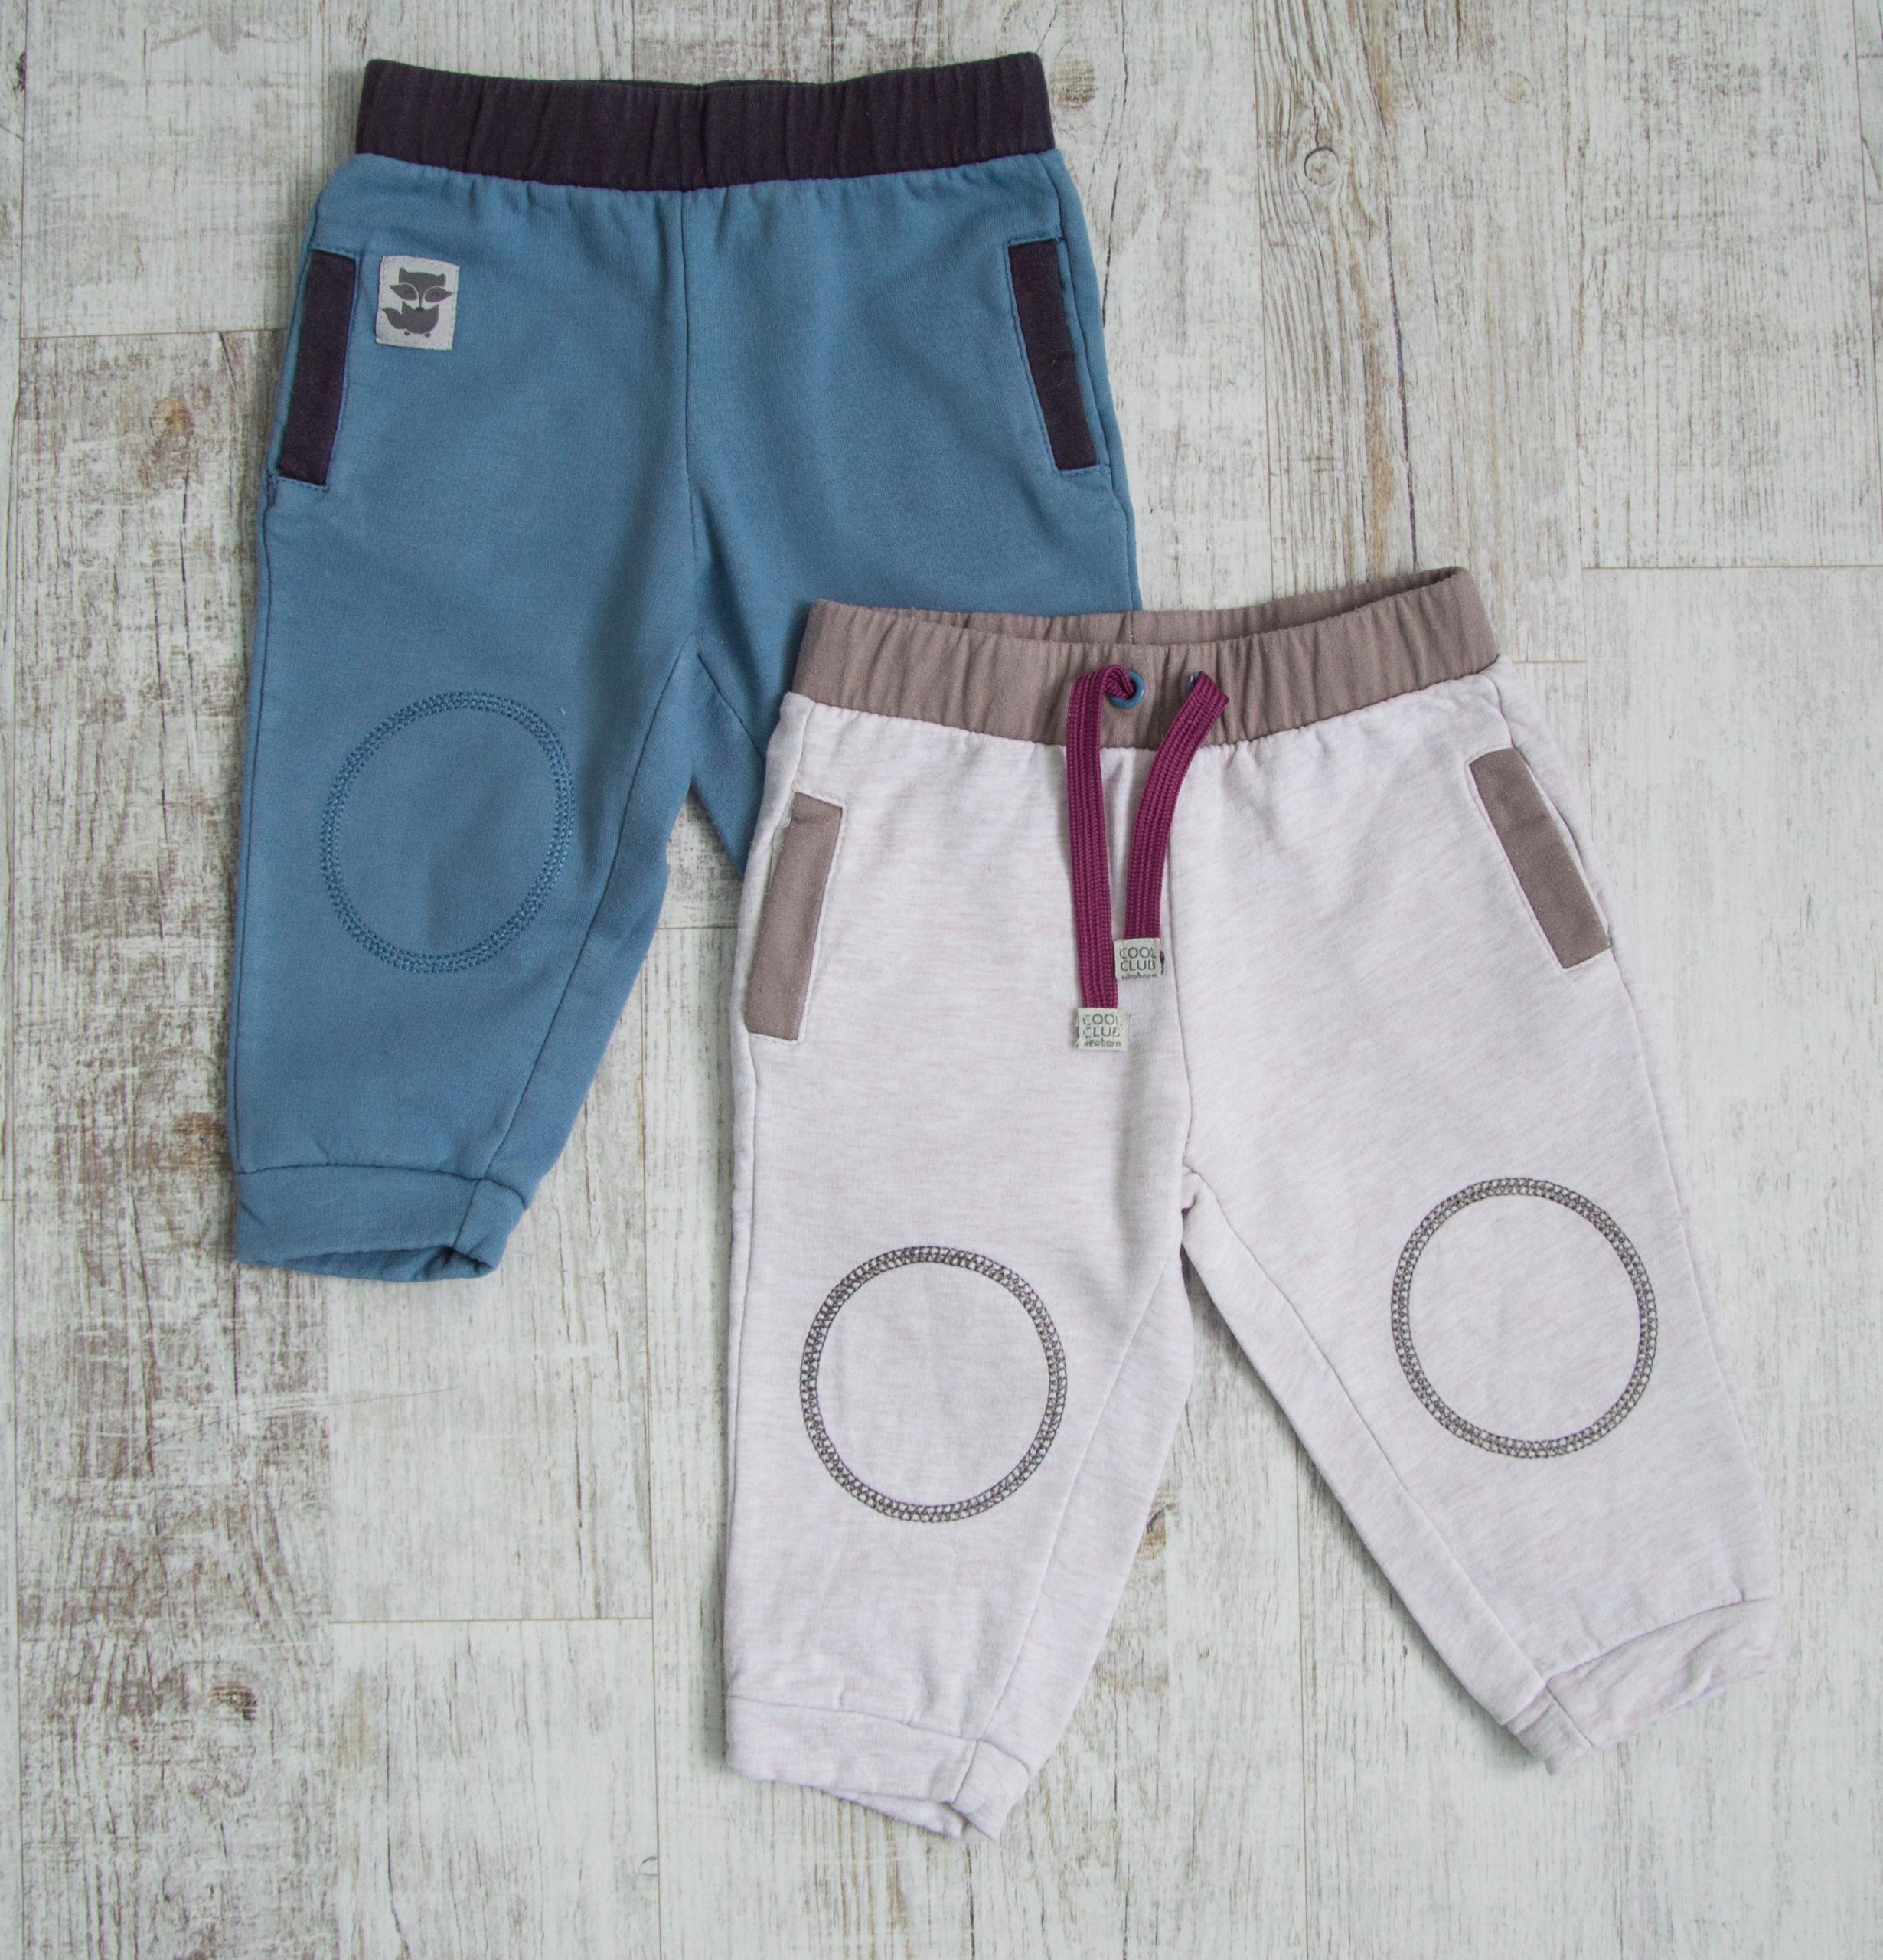 Spodnie dresowe dres dwie sztuki SMYK rozmiar 74